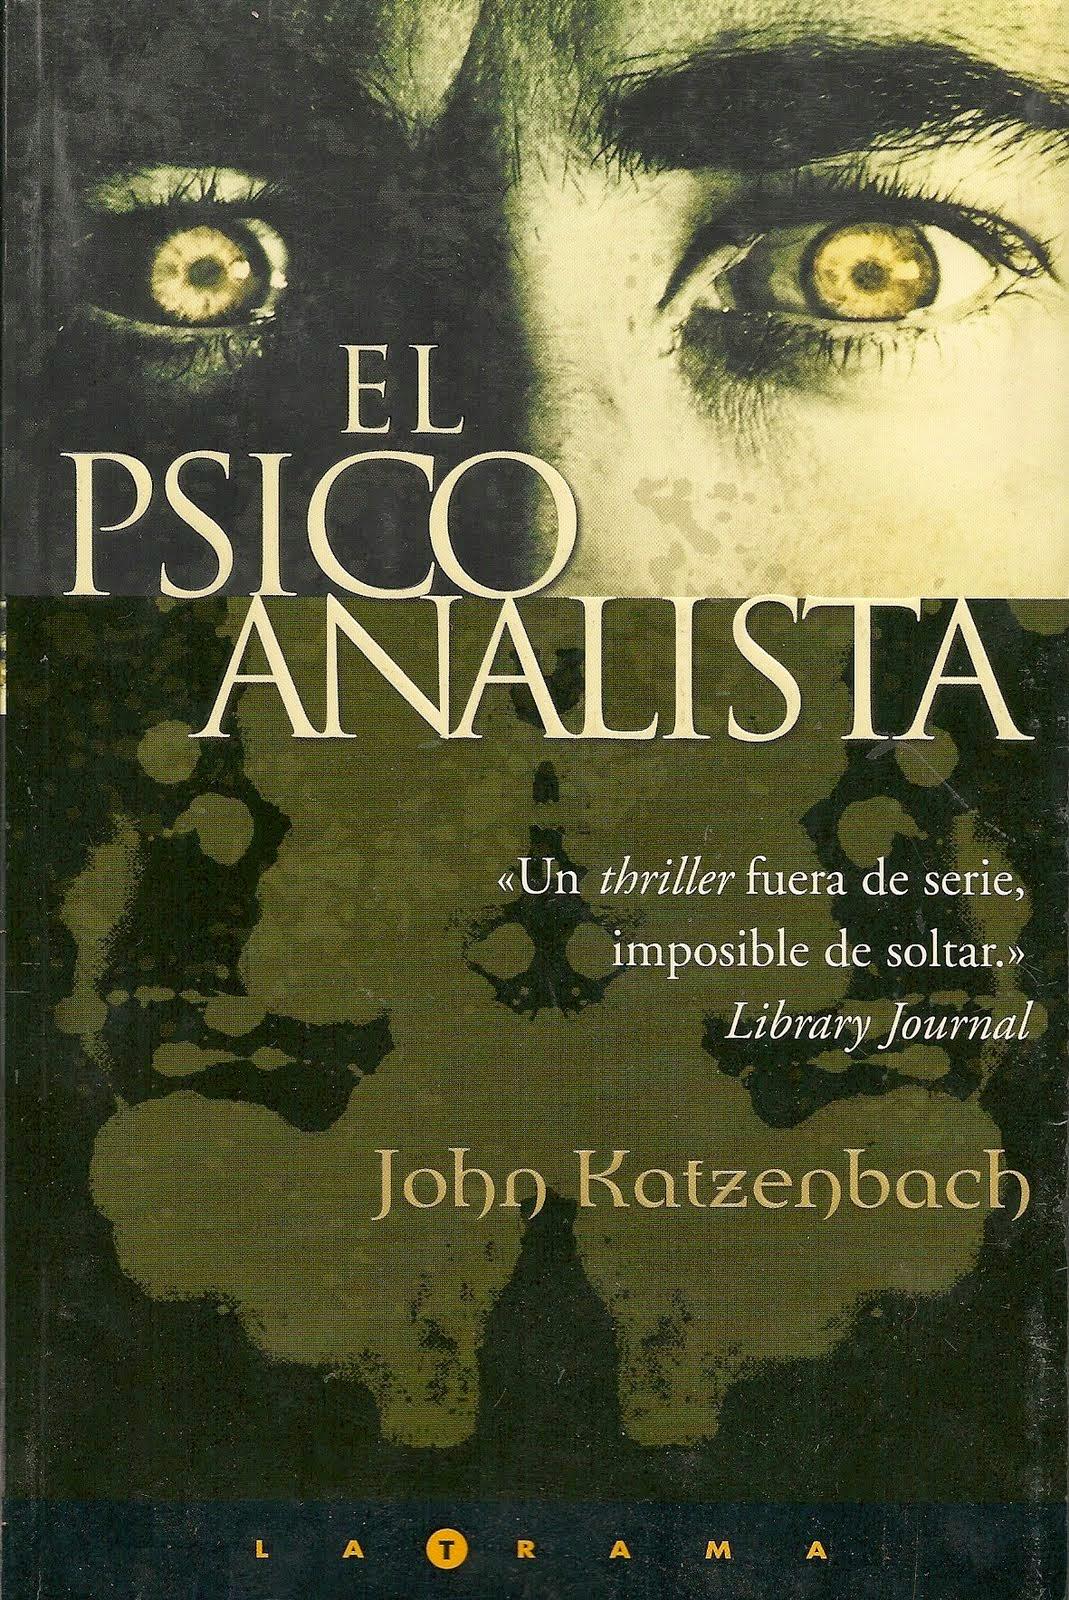 """""""El psicoanalista"""" de John Katzenbach (X aniversario)"""